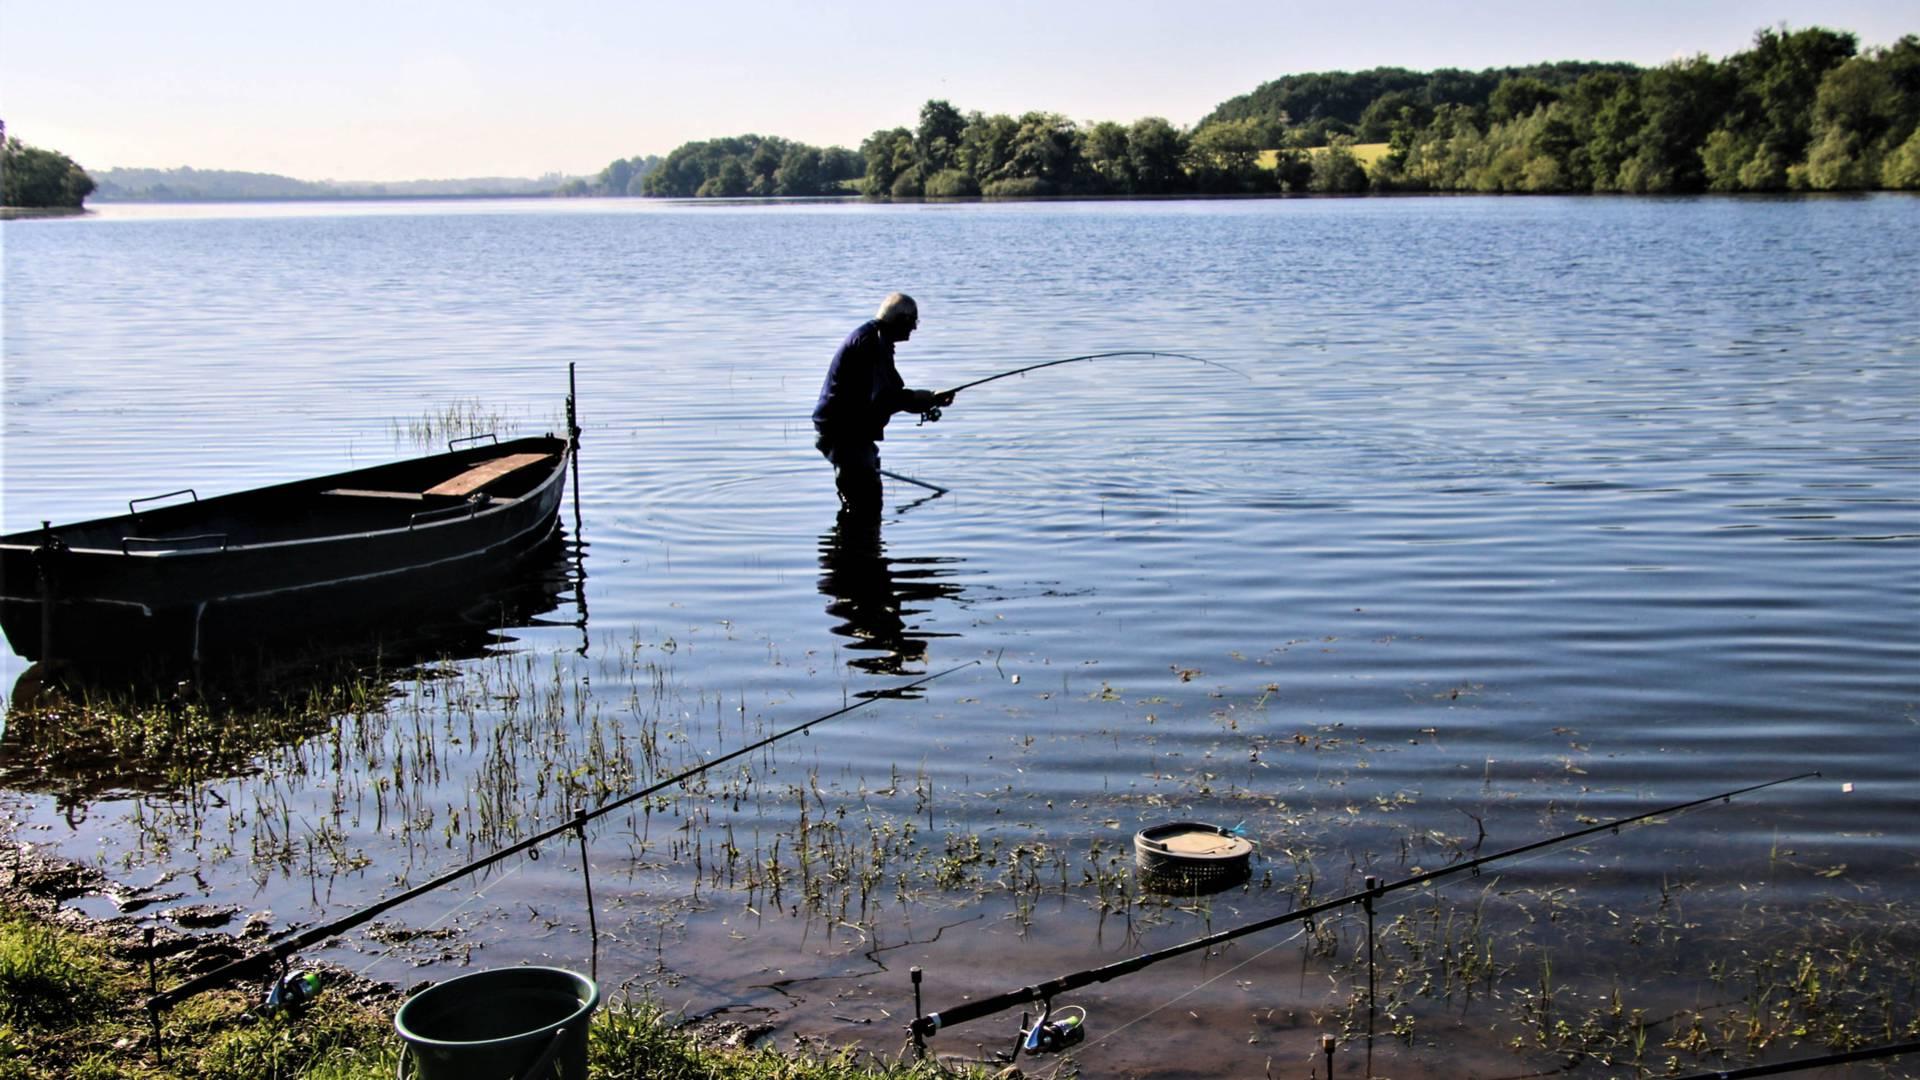 Le coin idéal pour la pêche. © Lesley Williamson.